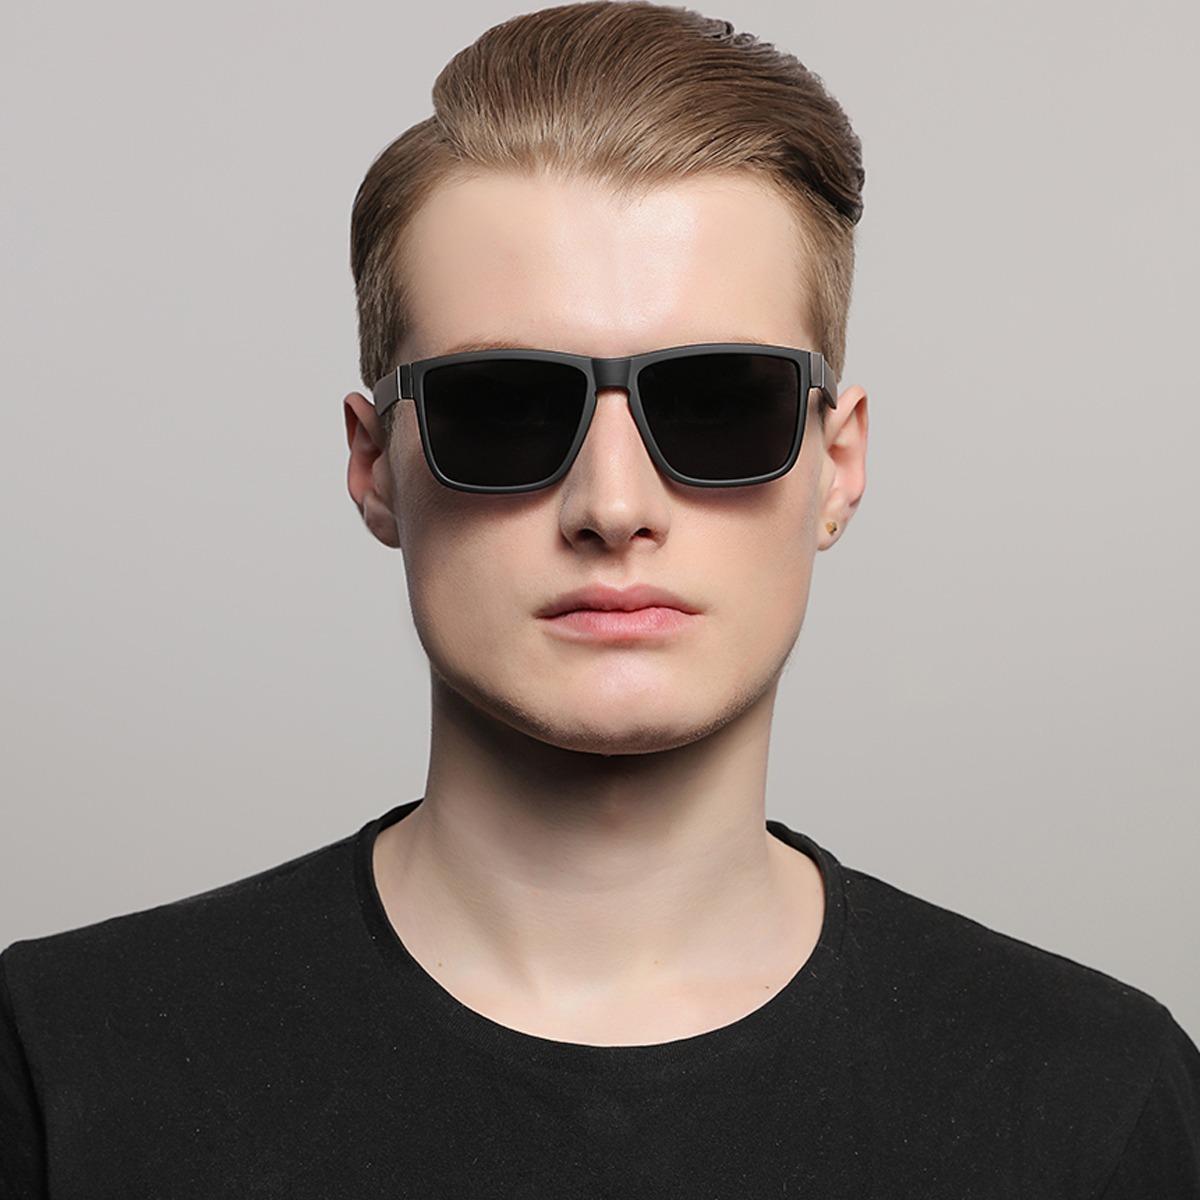 Óculos De Sol Feminino Oculos Sol Masculino Original 2020 - R  87,48 ... f218622049